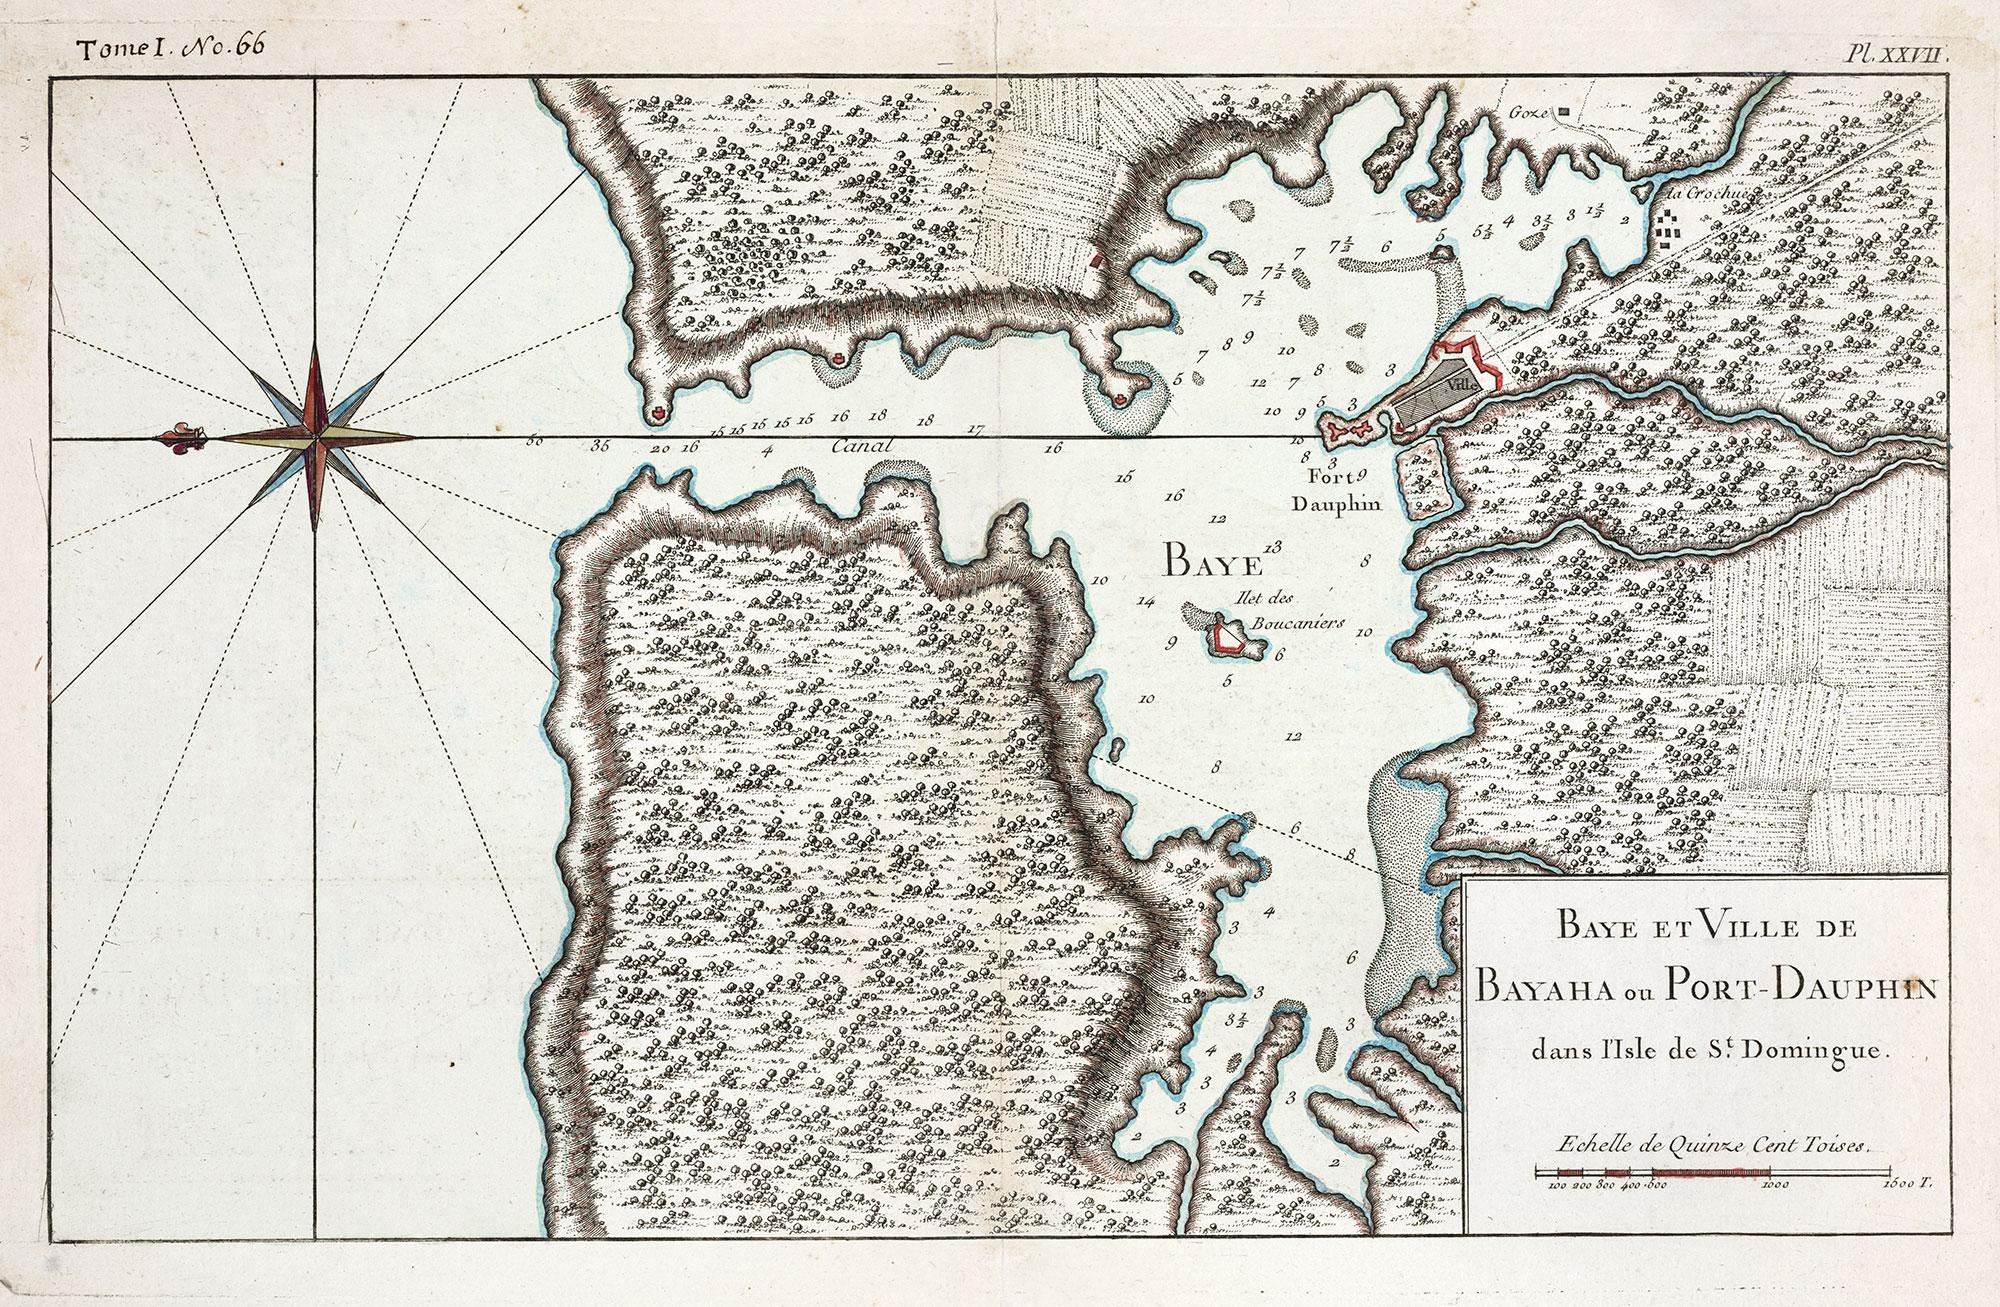 Baye et ville de Bayaha ou Port-Dauphin dans l'isle de St.Domingue